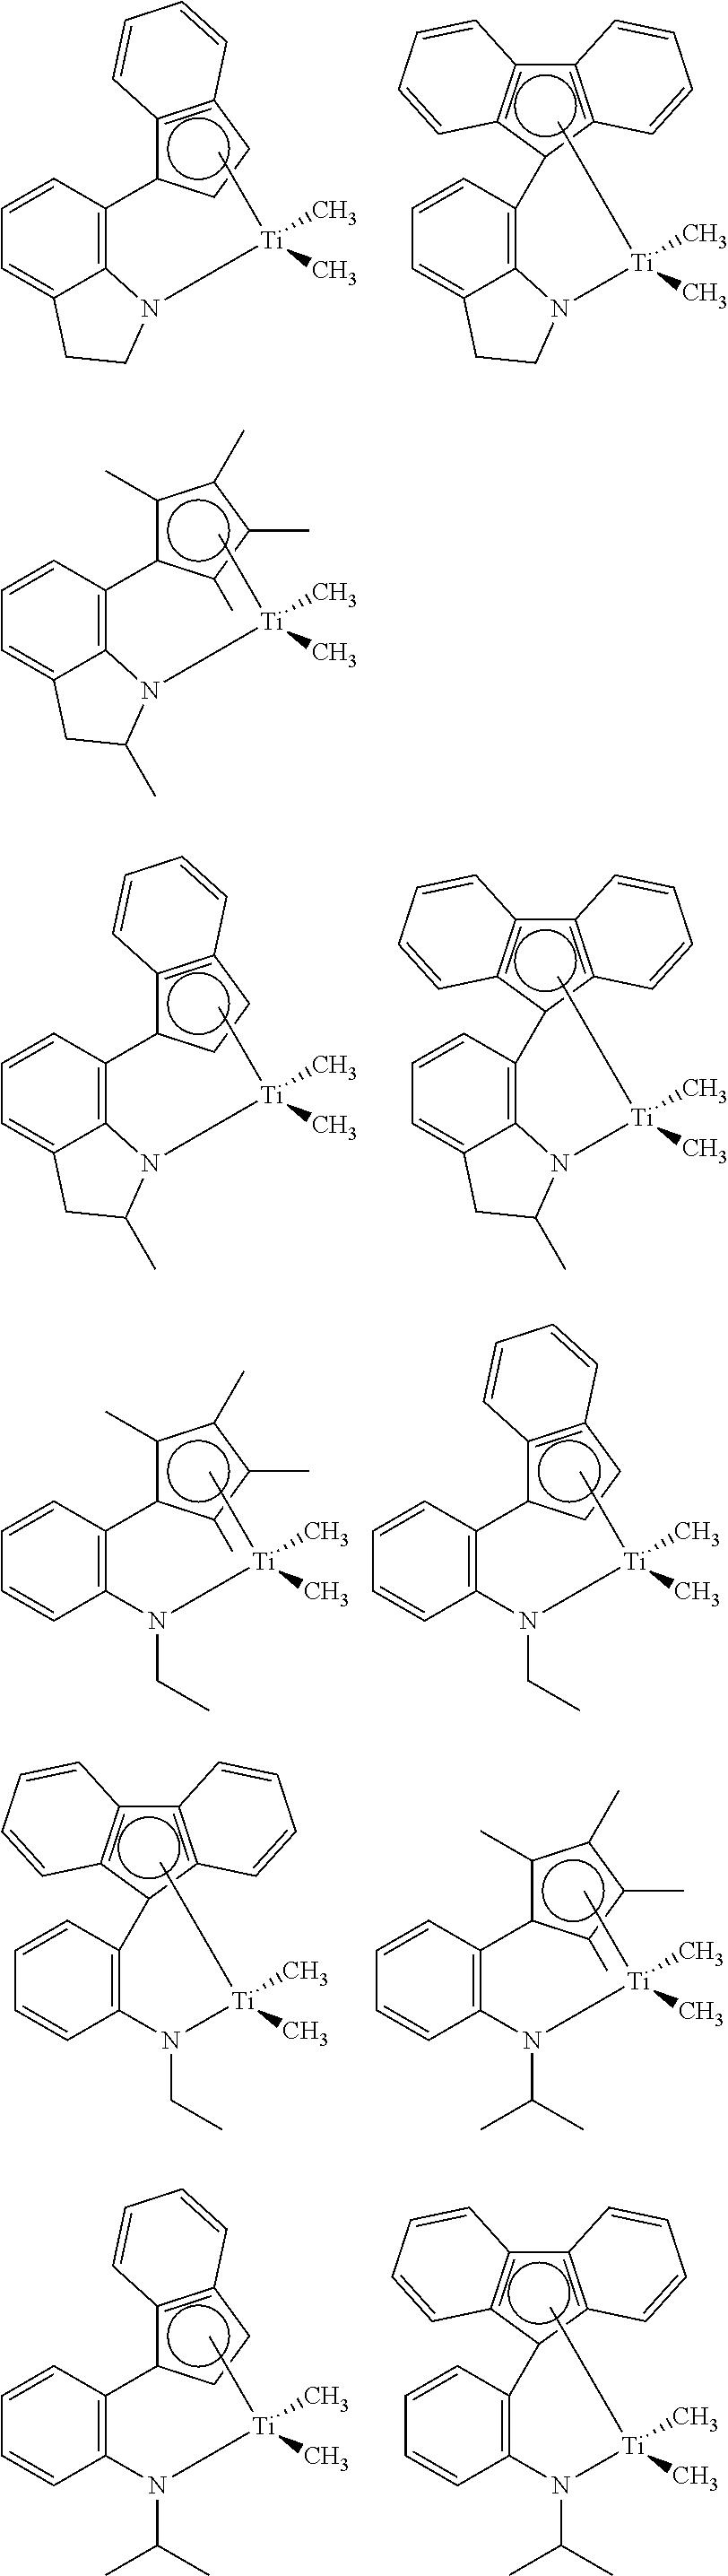 Figure US07932207-20110426-C00018